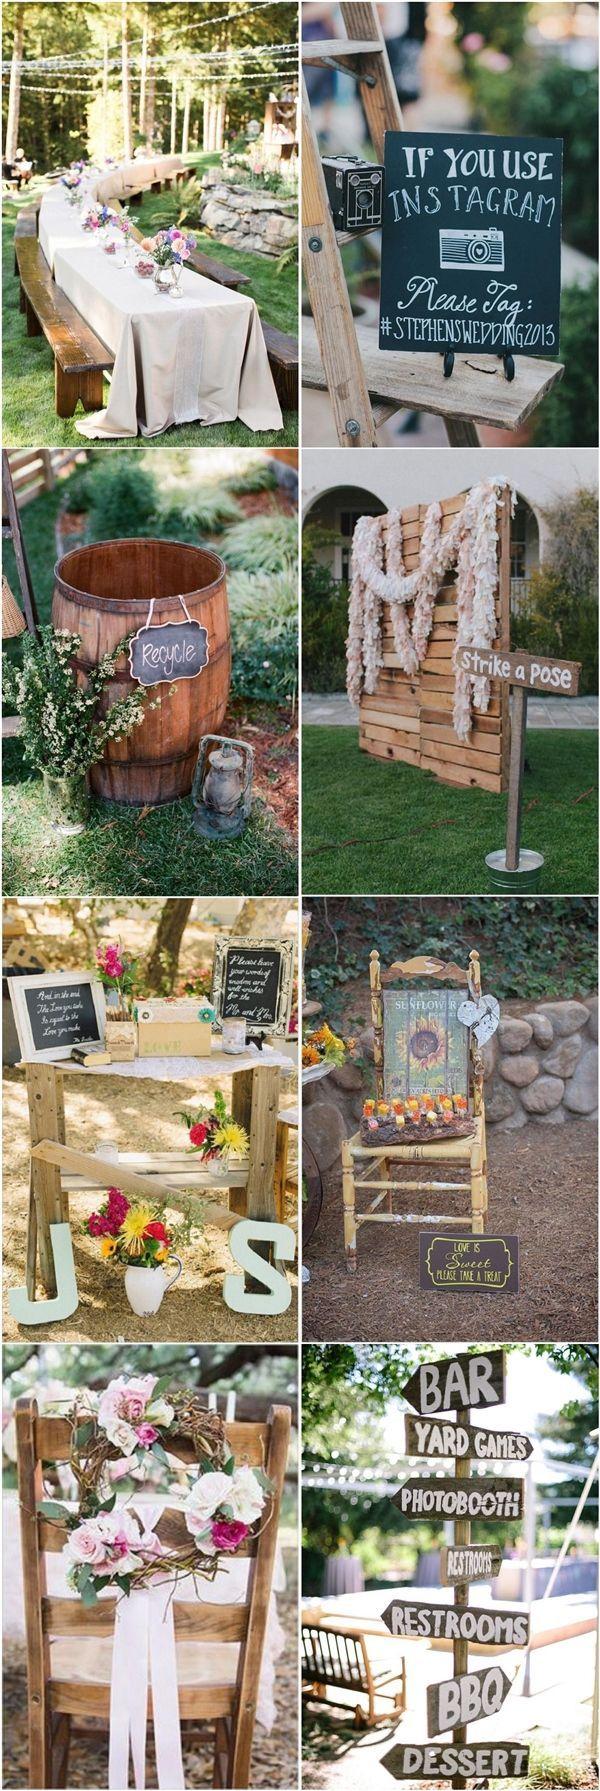 254 best backyard weddings images on pinterest backyard weddings